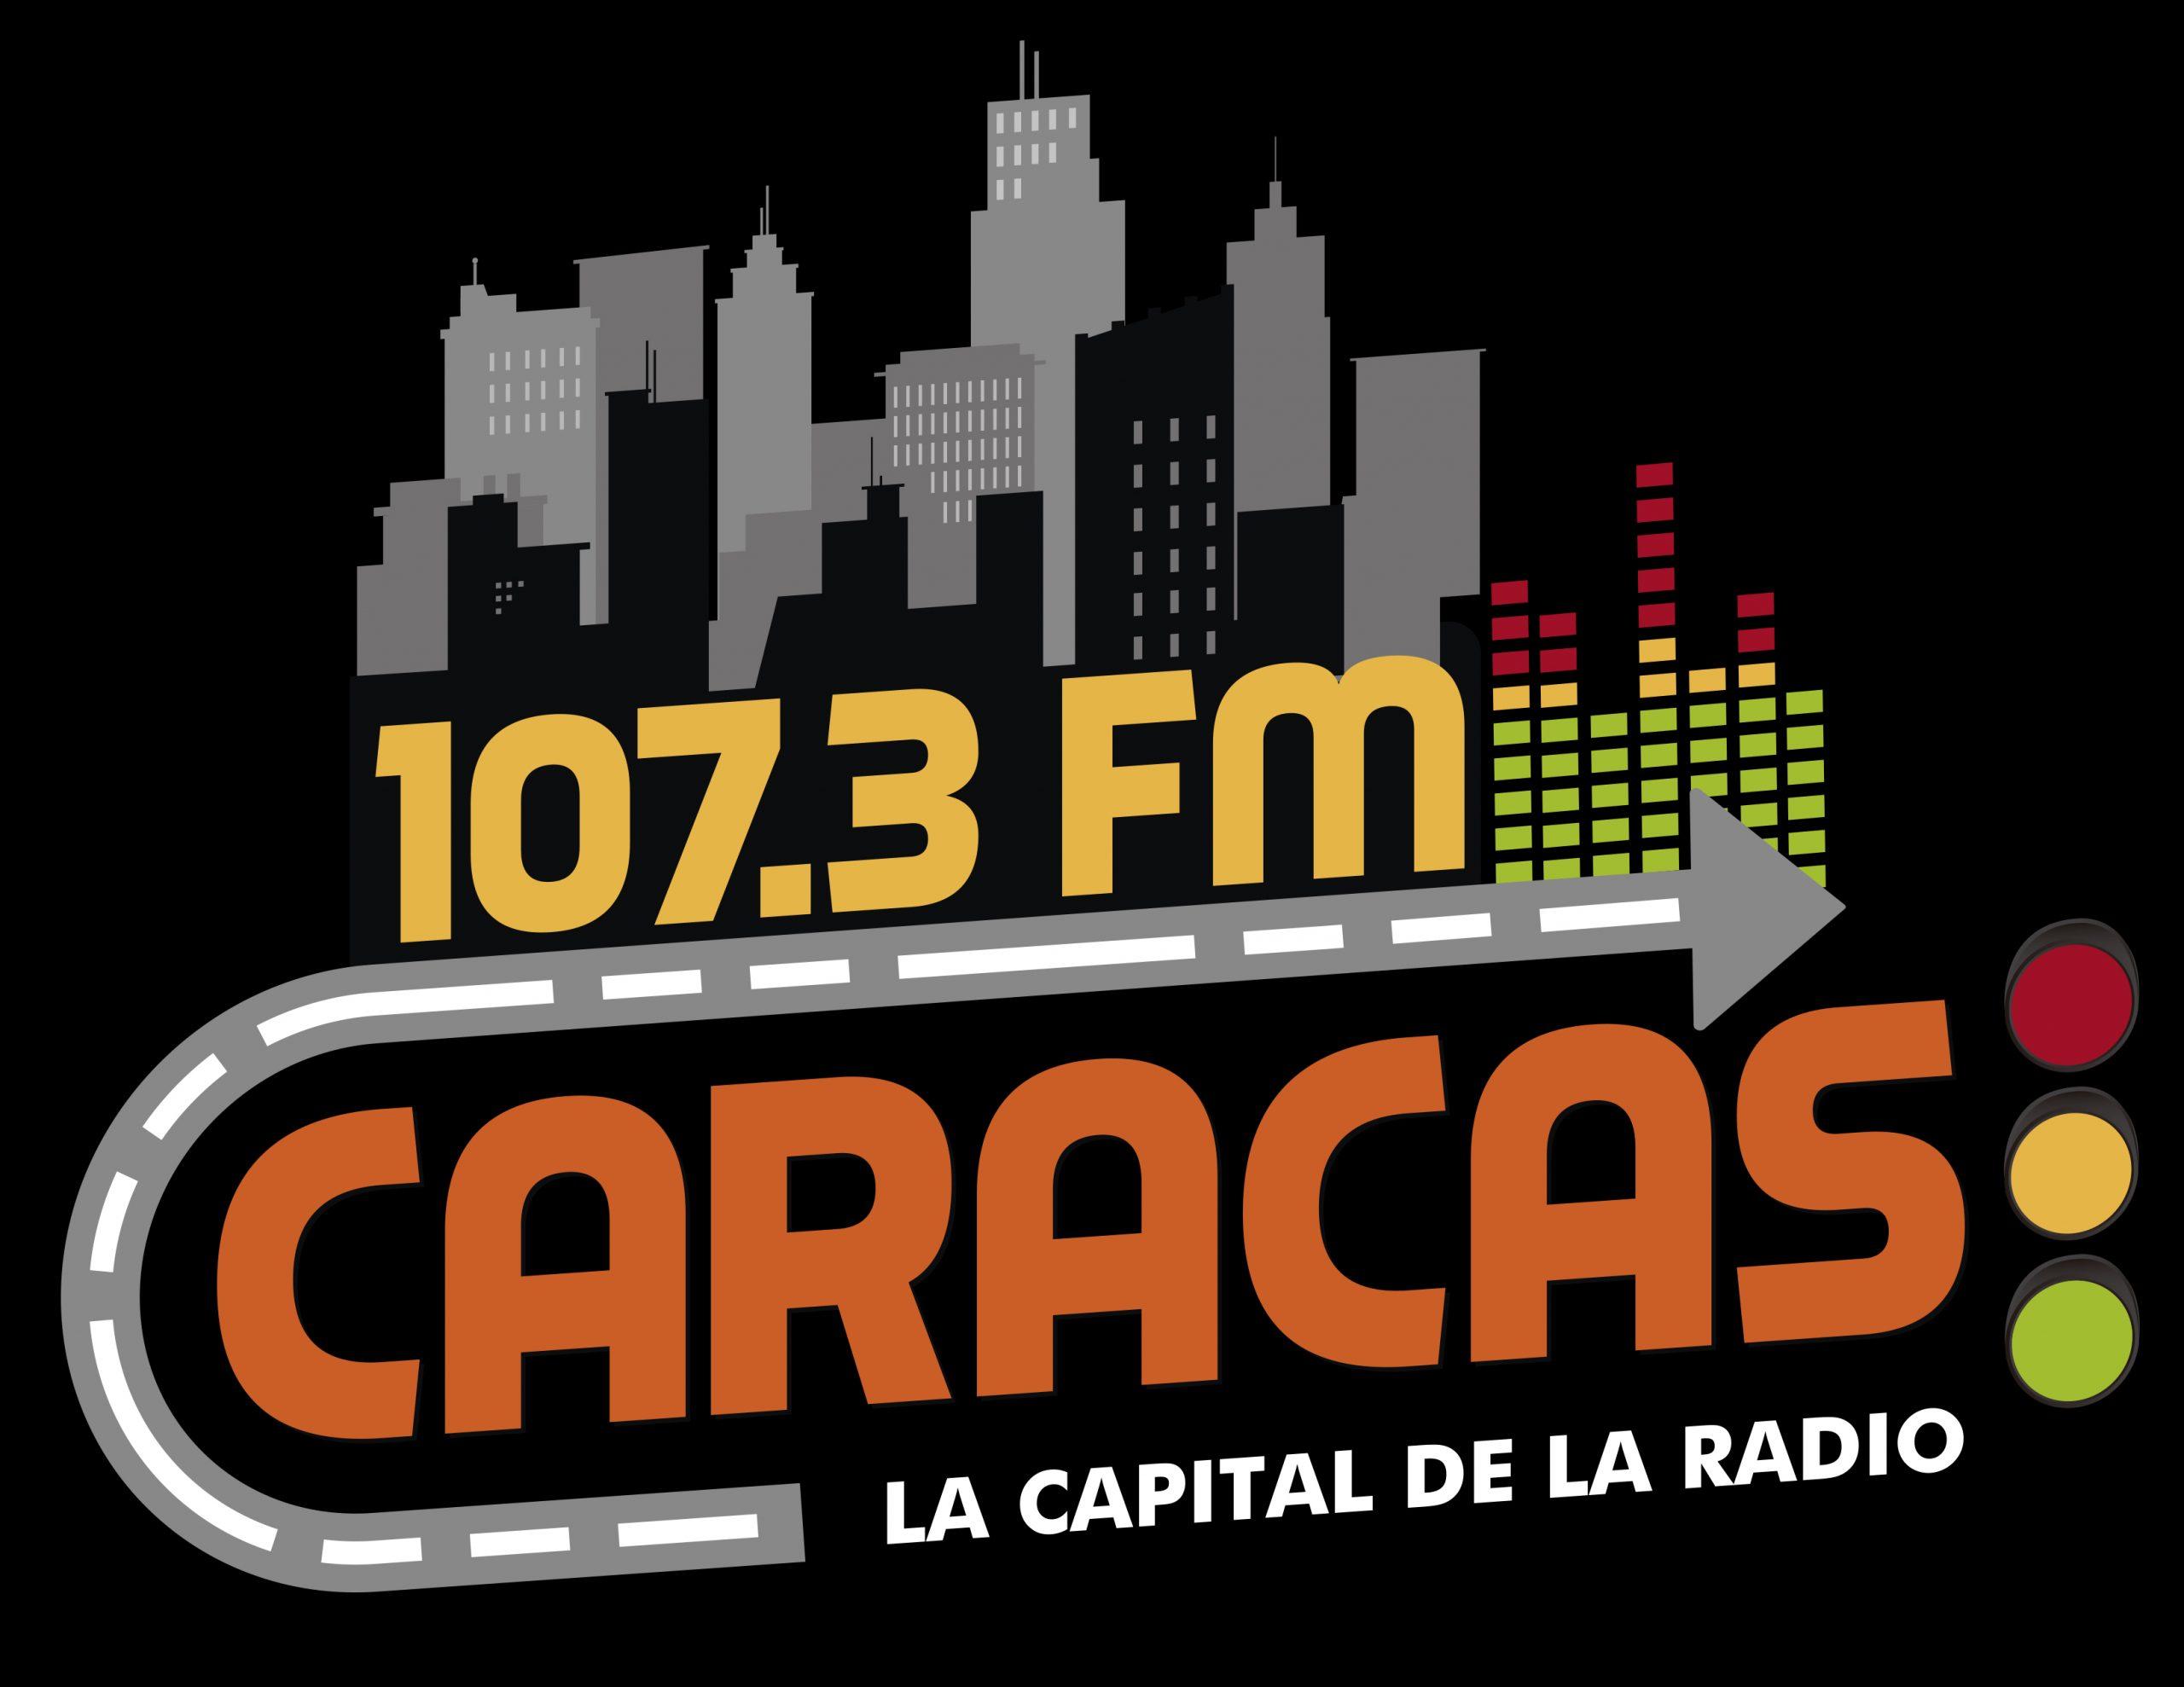 <center>Caracas 107.3 FM </center>